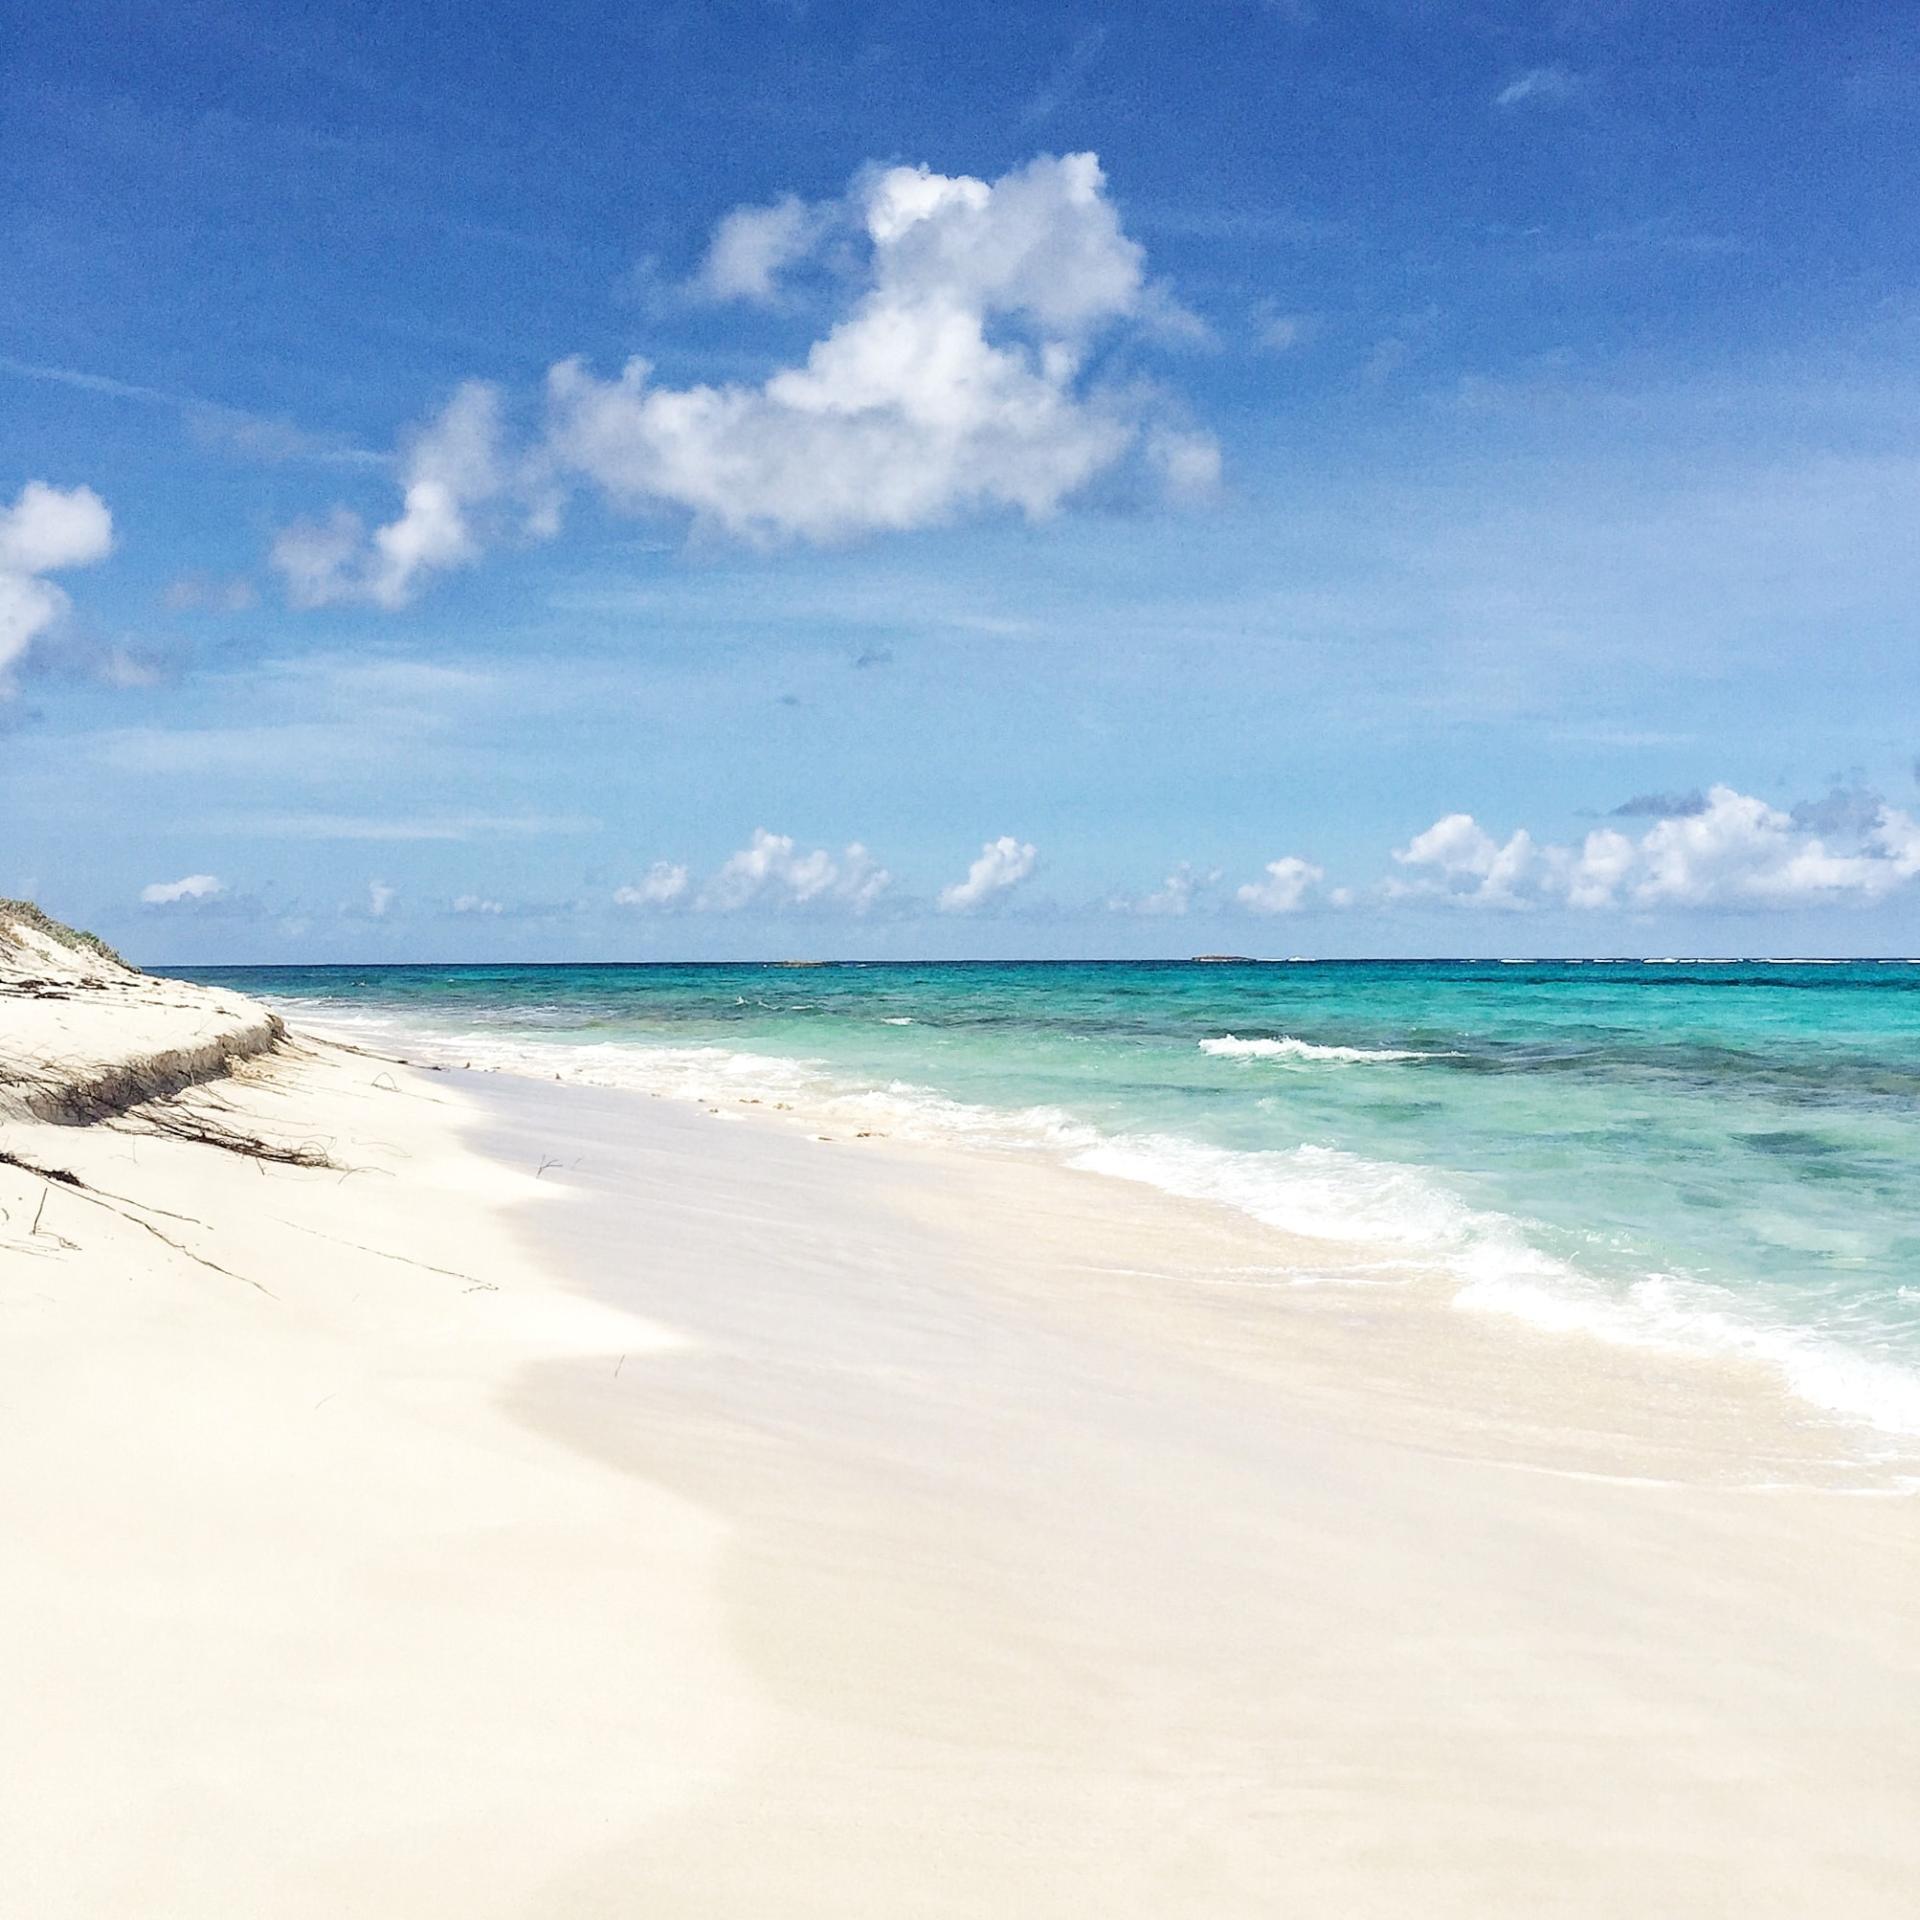 Beach_3-min